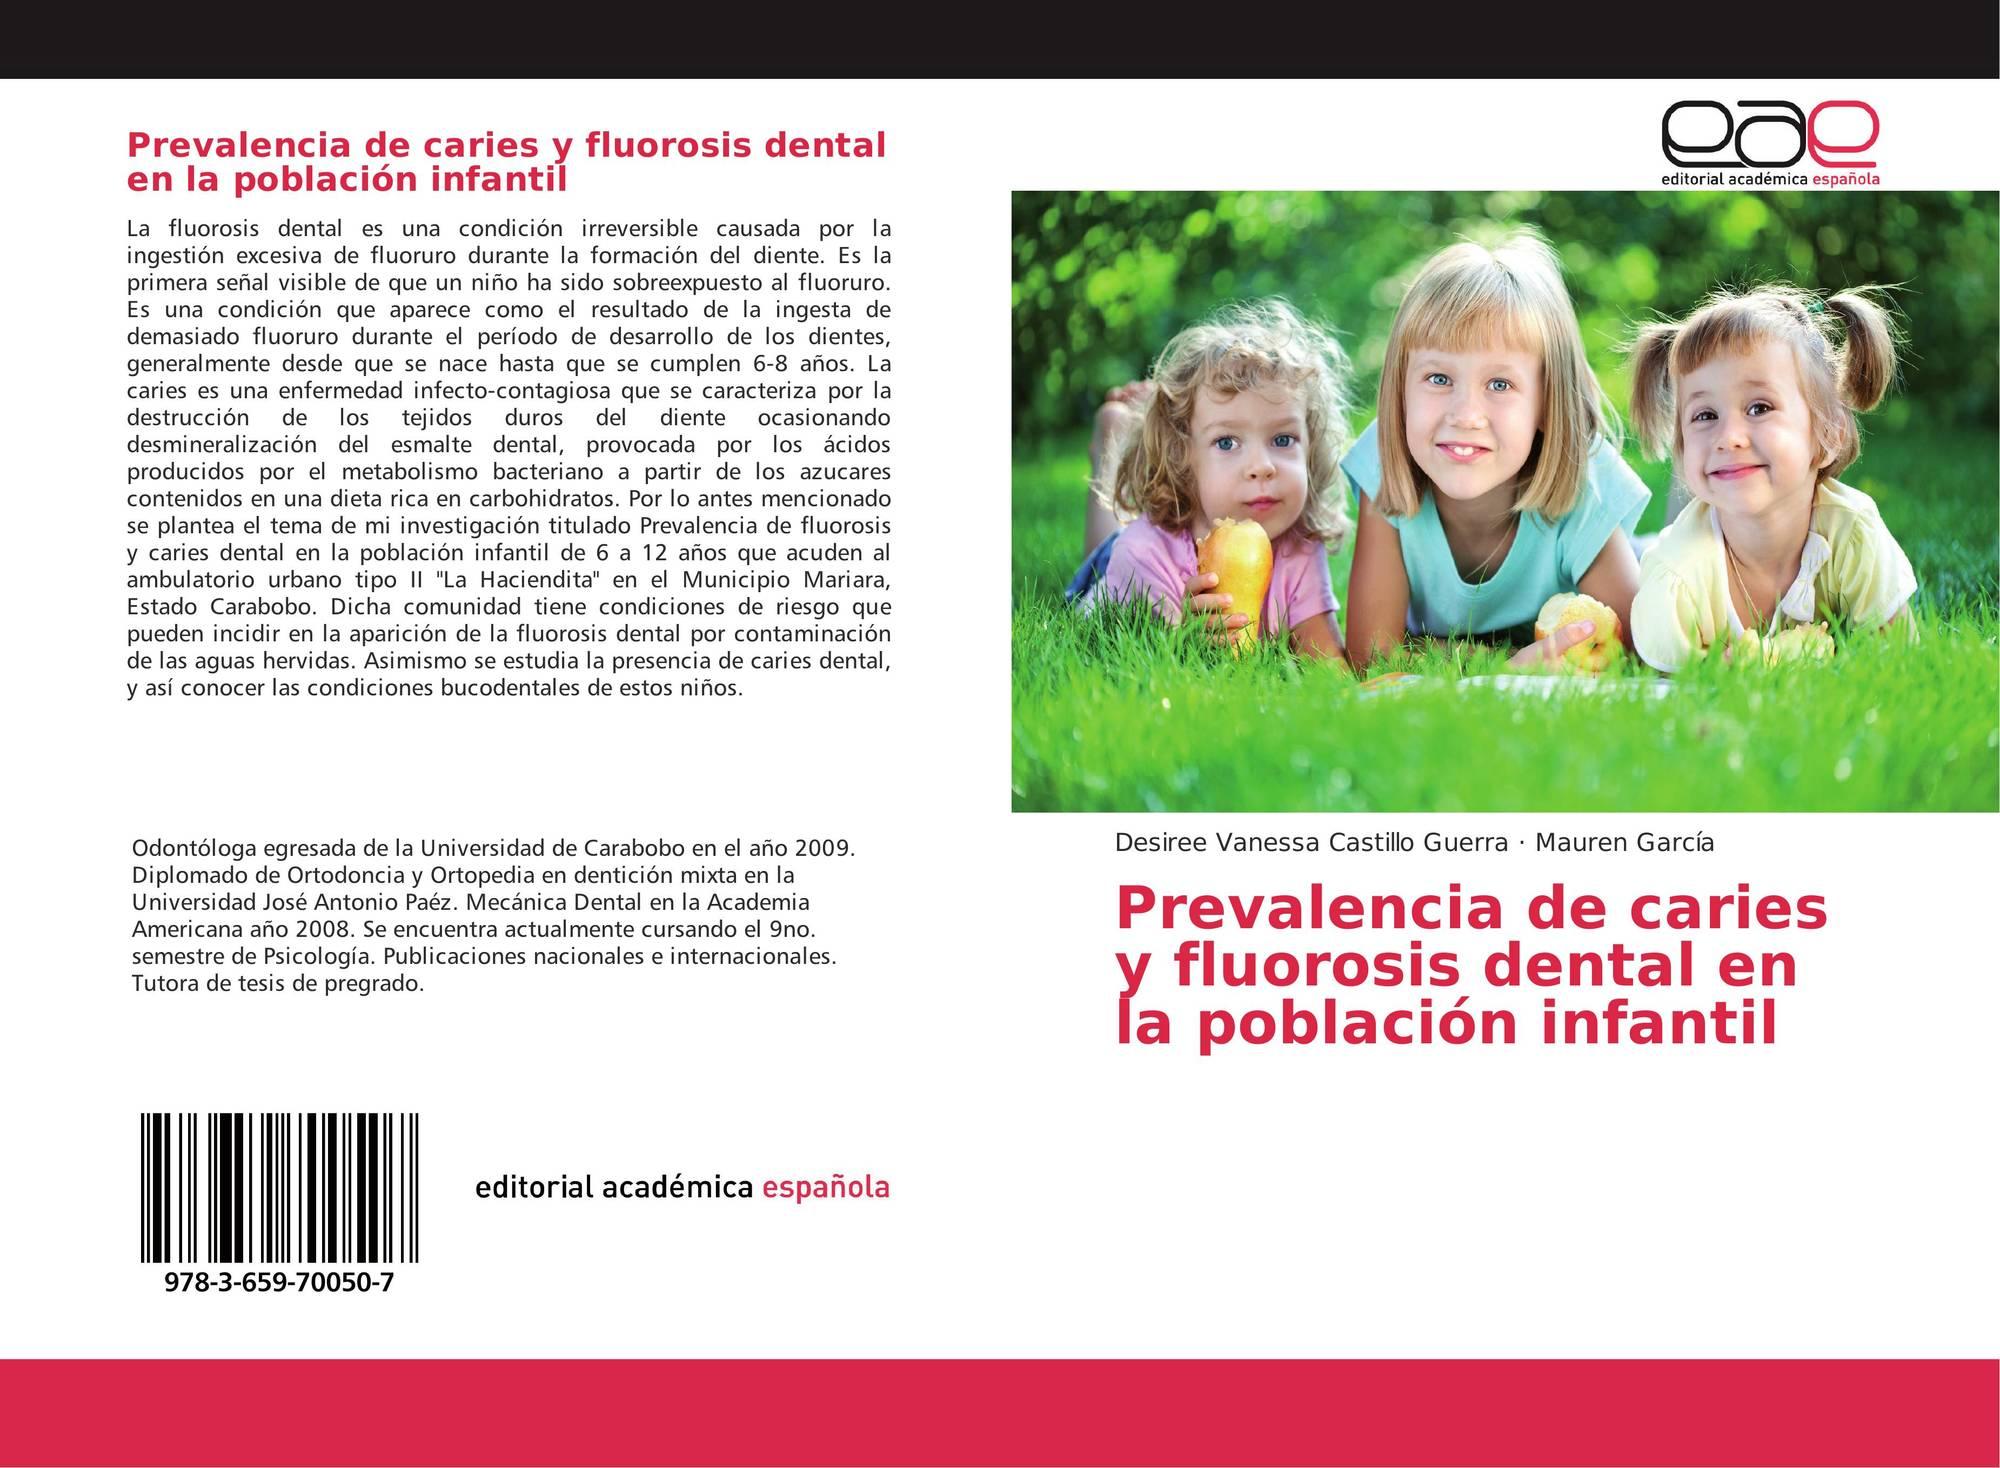 mecanica dental en espana